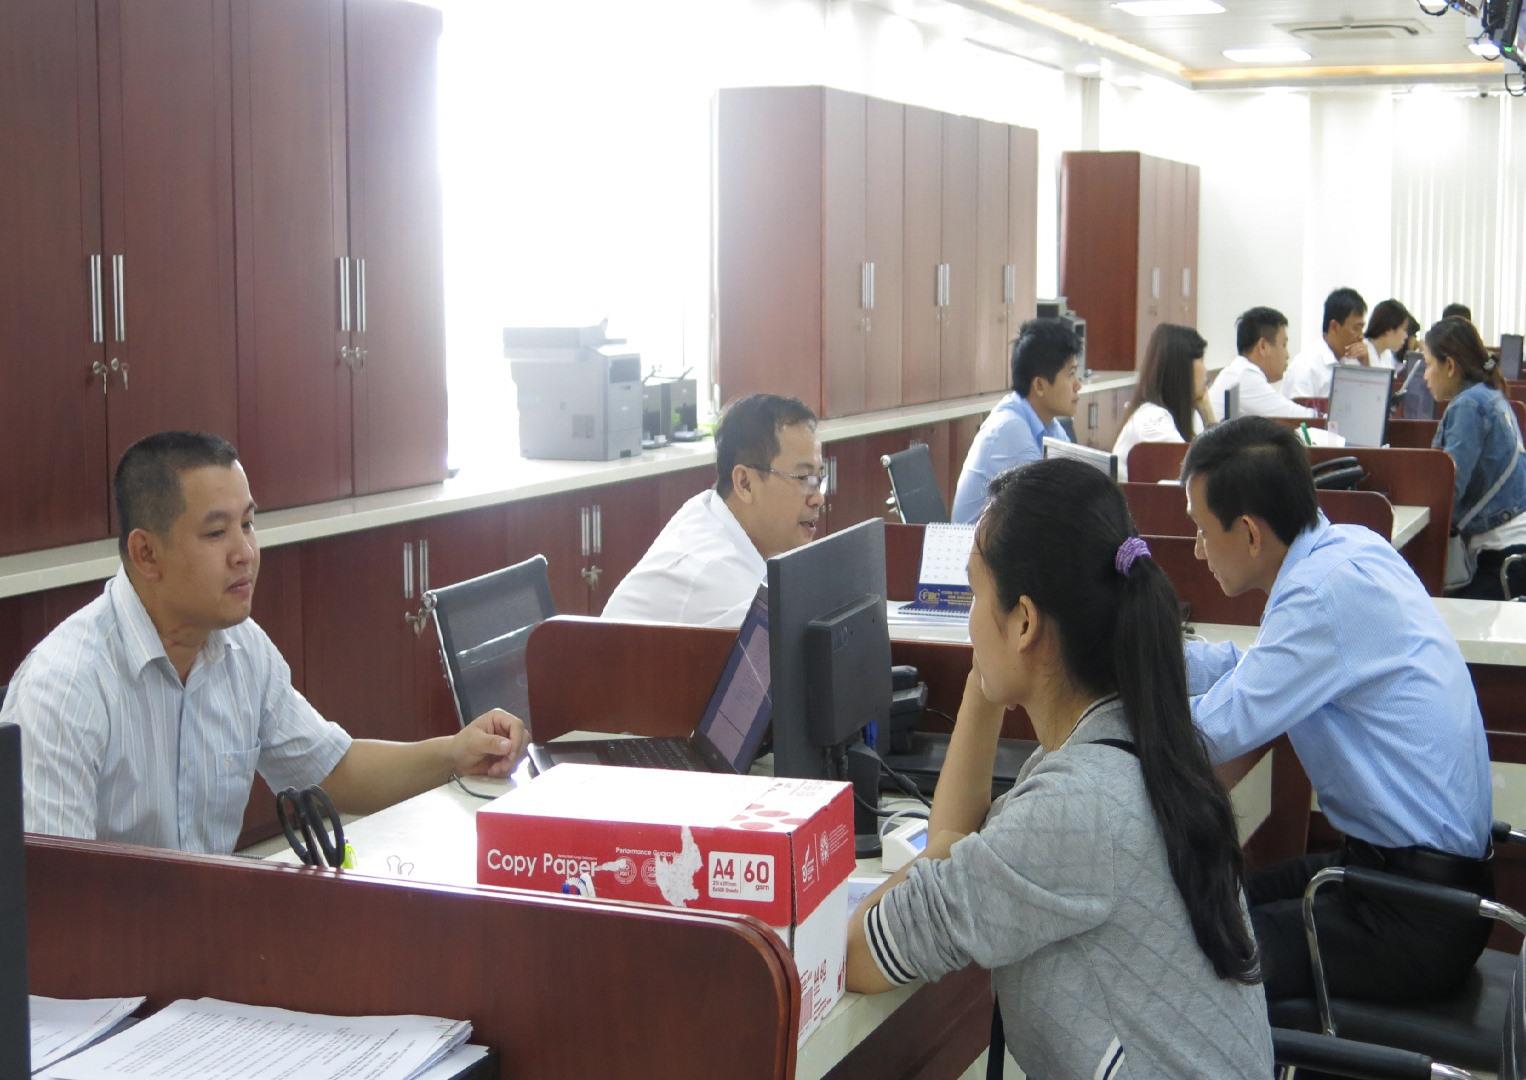 Giải quyết thủ tục hành chính tại Trung tâm Hành chính công và xúc tiến đầu tư tỉnh. Ảnh: T.S